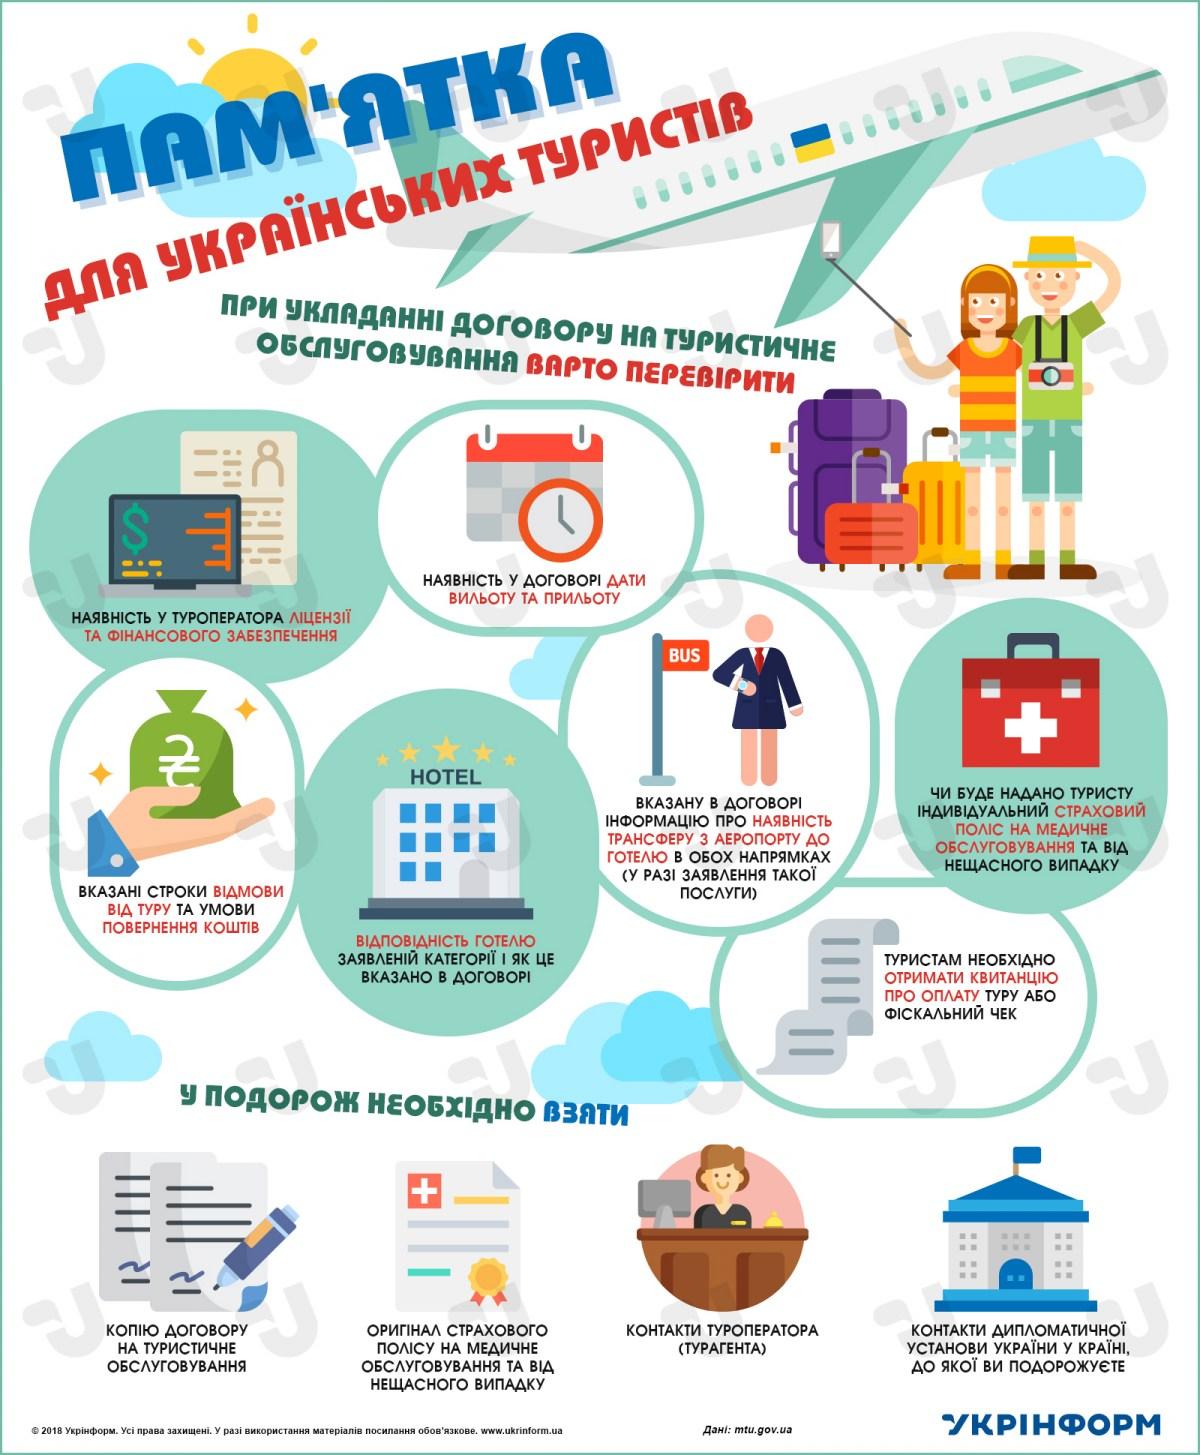 Відпустки тривають. Пам'ятка для українських туристів.